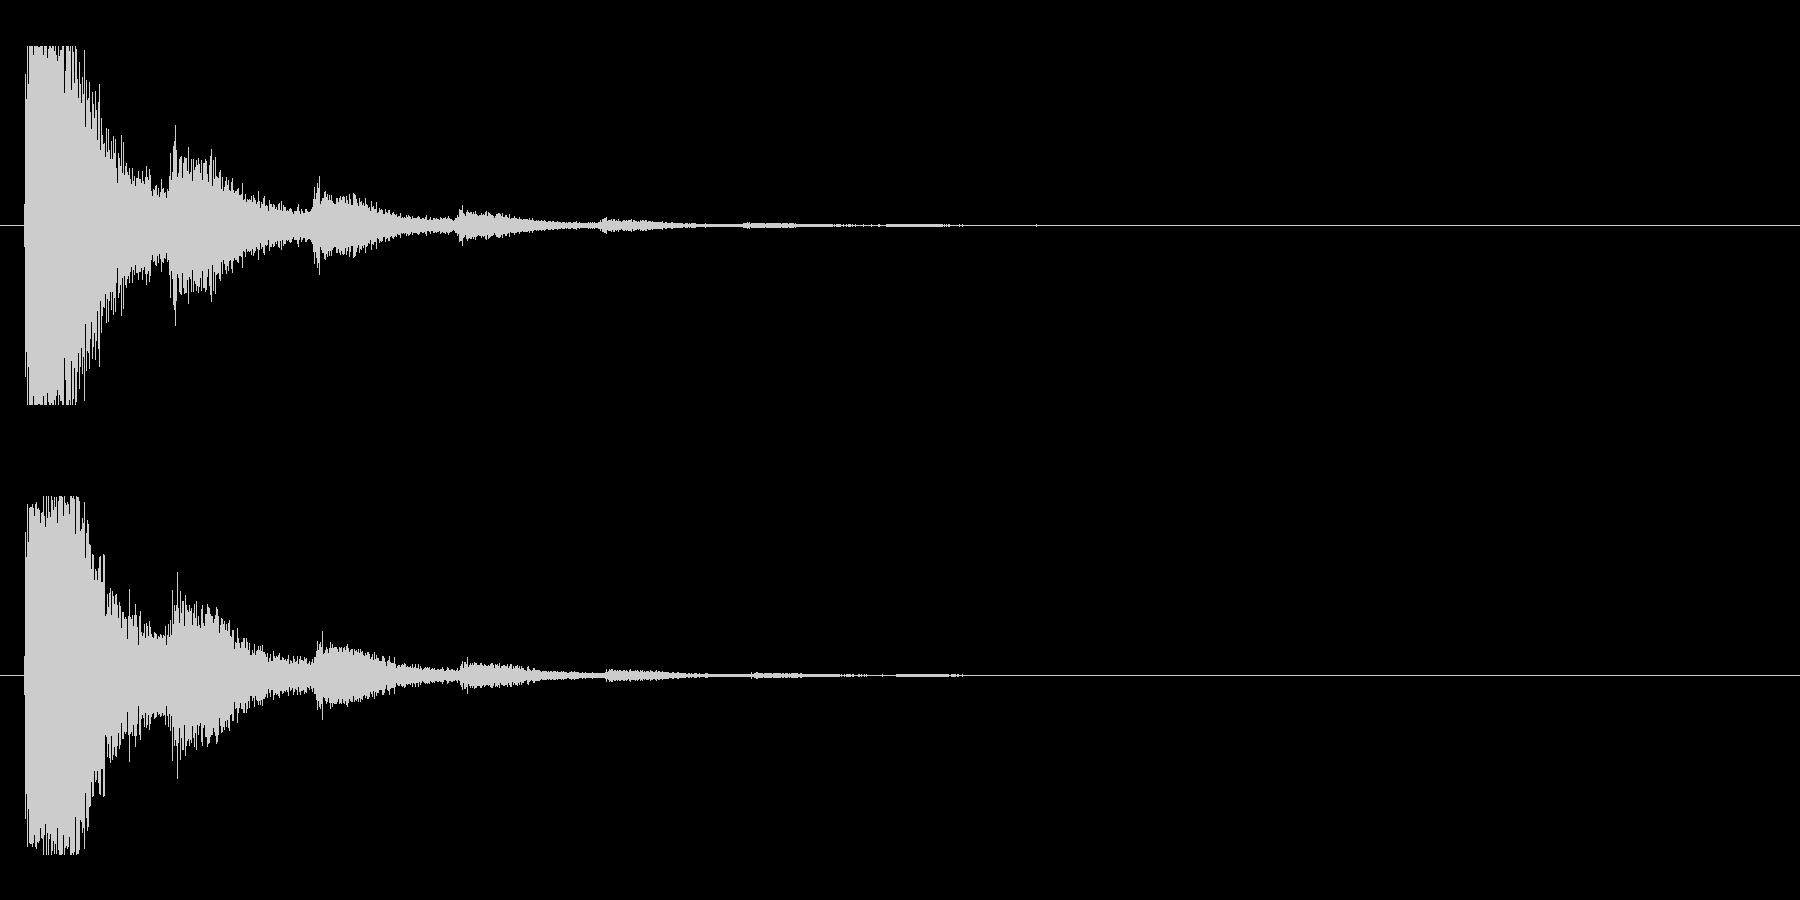 レーザー音-11-2の未再生の波形